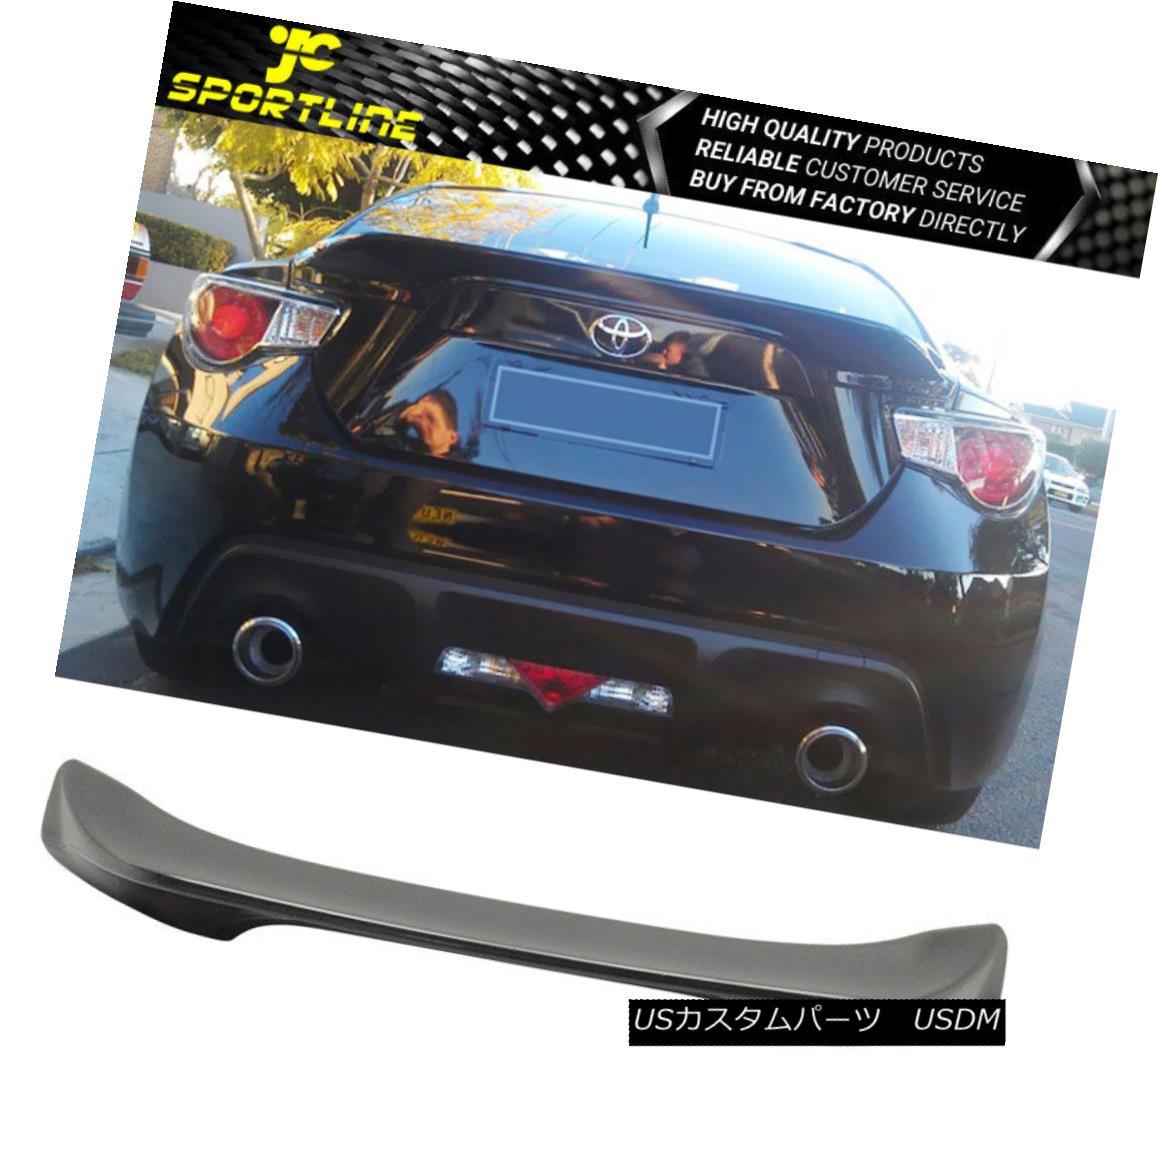 エアロパーツ Fits 13-17 Scion FRS Subaru BRZ TR-D Style Trunk Rear Wing Spoiler Acrylic フィット13-17サイオンFRSスバルBRZ TRDスタイルトランクリアウィングスポイラーアクリル